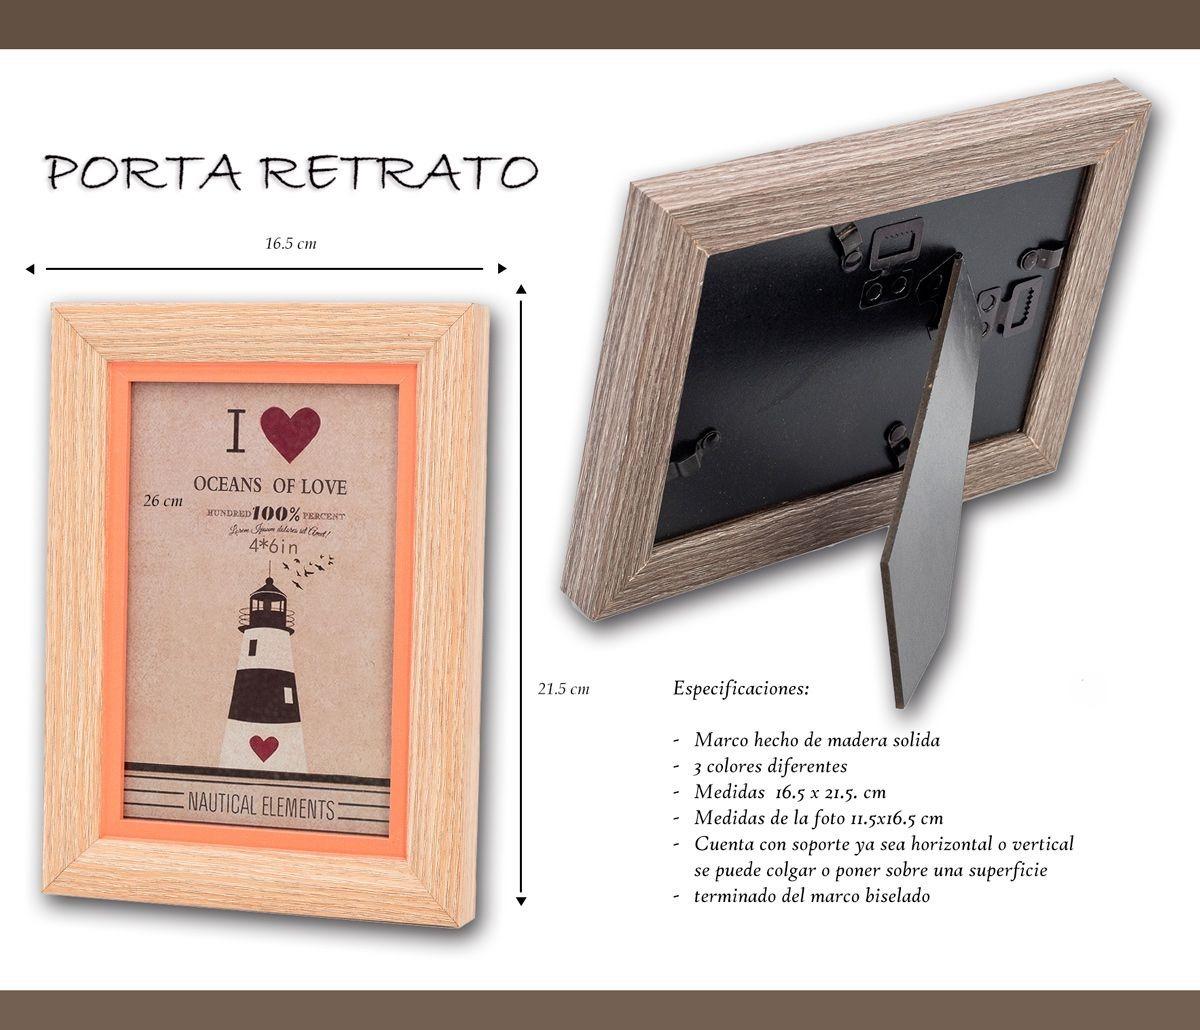 3 Portarretratos Madera M008 Adorno Hogar Regalo Dia Mama - $ 249.00 ...